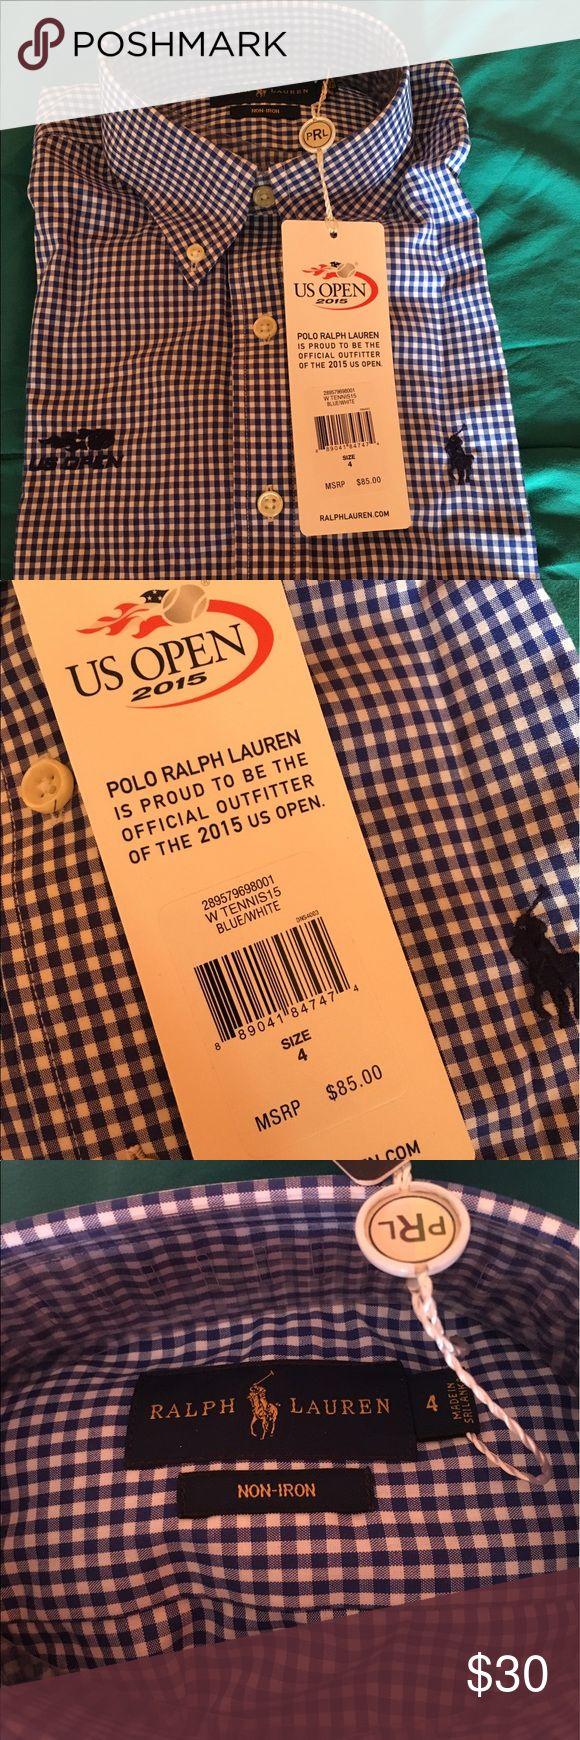 RALPH LAUREN POLO SHIRT BRAND NEW ❗️RALPH LAURN POLO SHIRT❗️WOMEAN SIZE 4❗️ Polo by Ralph Lauren Tops Button Down Shirts